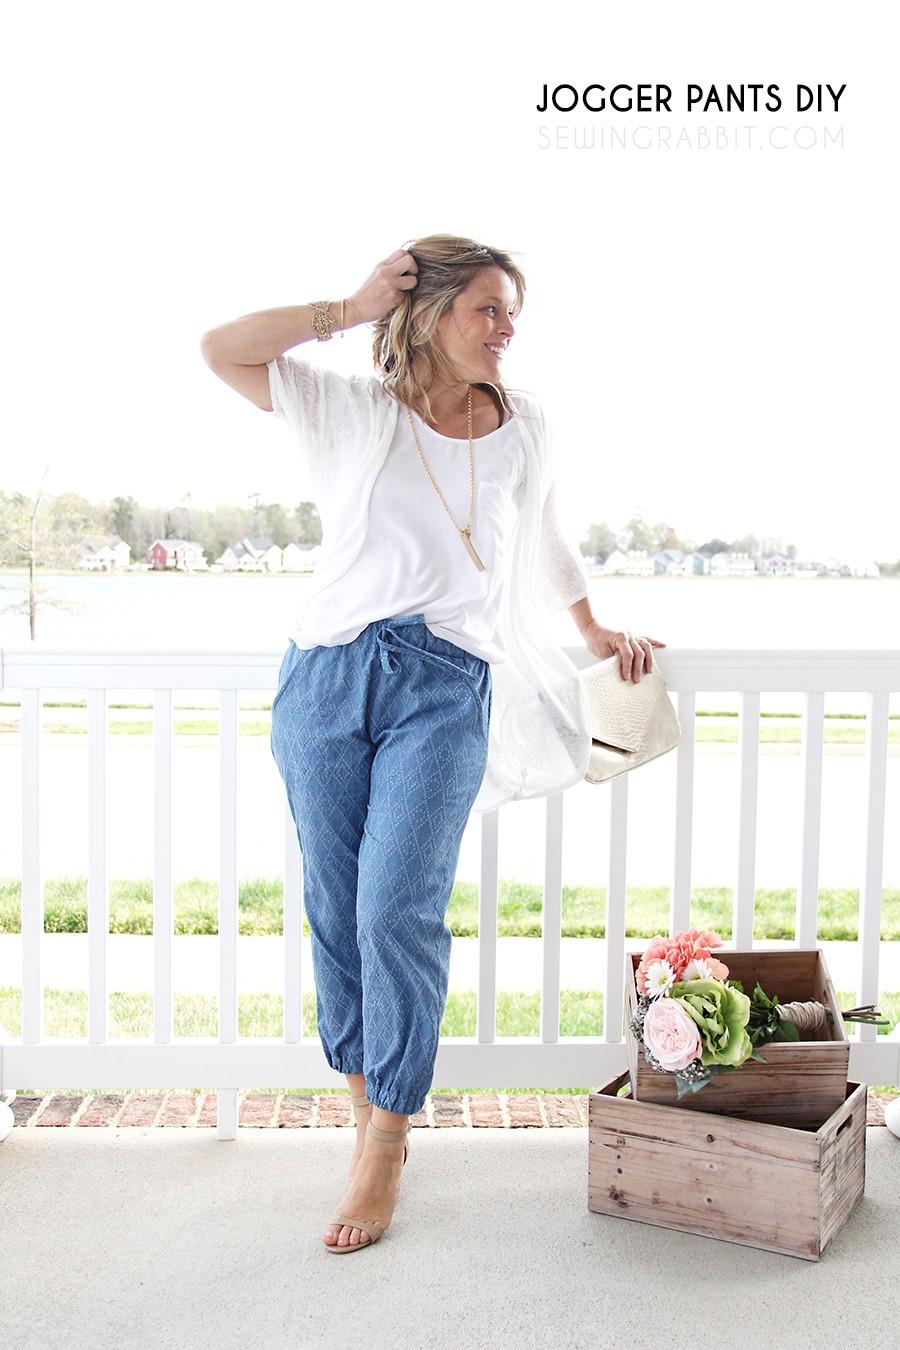 woven-jogger-pants